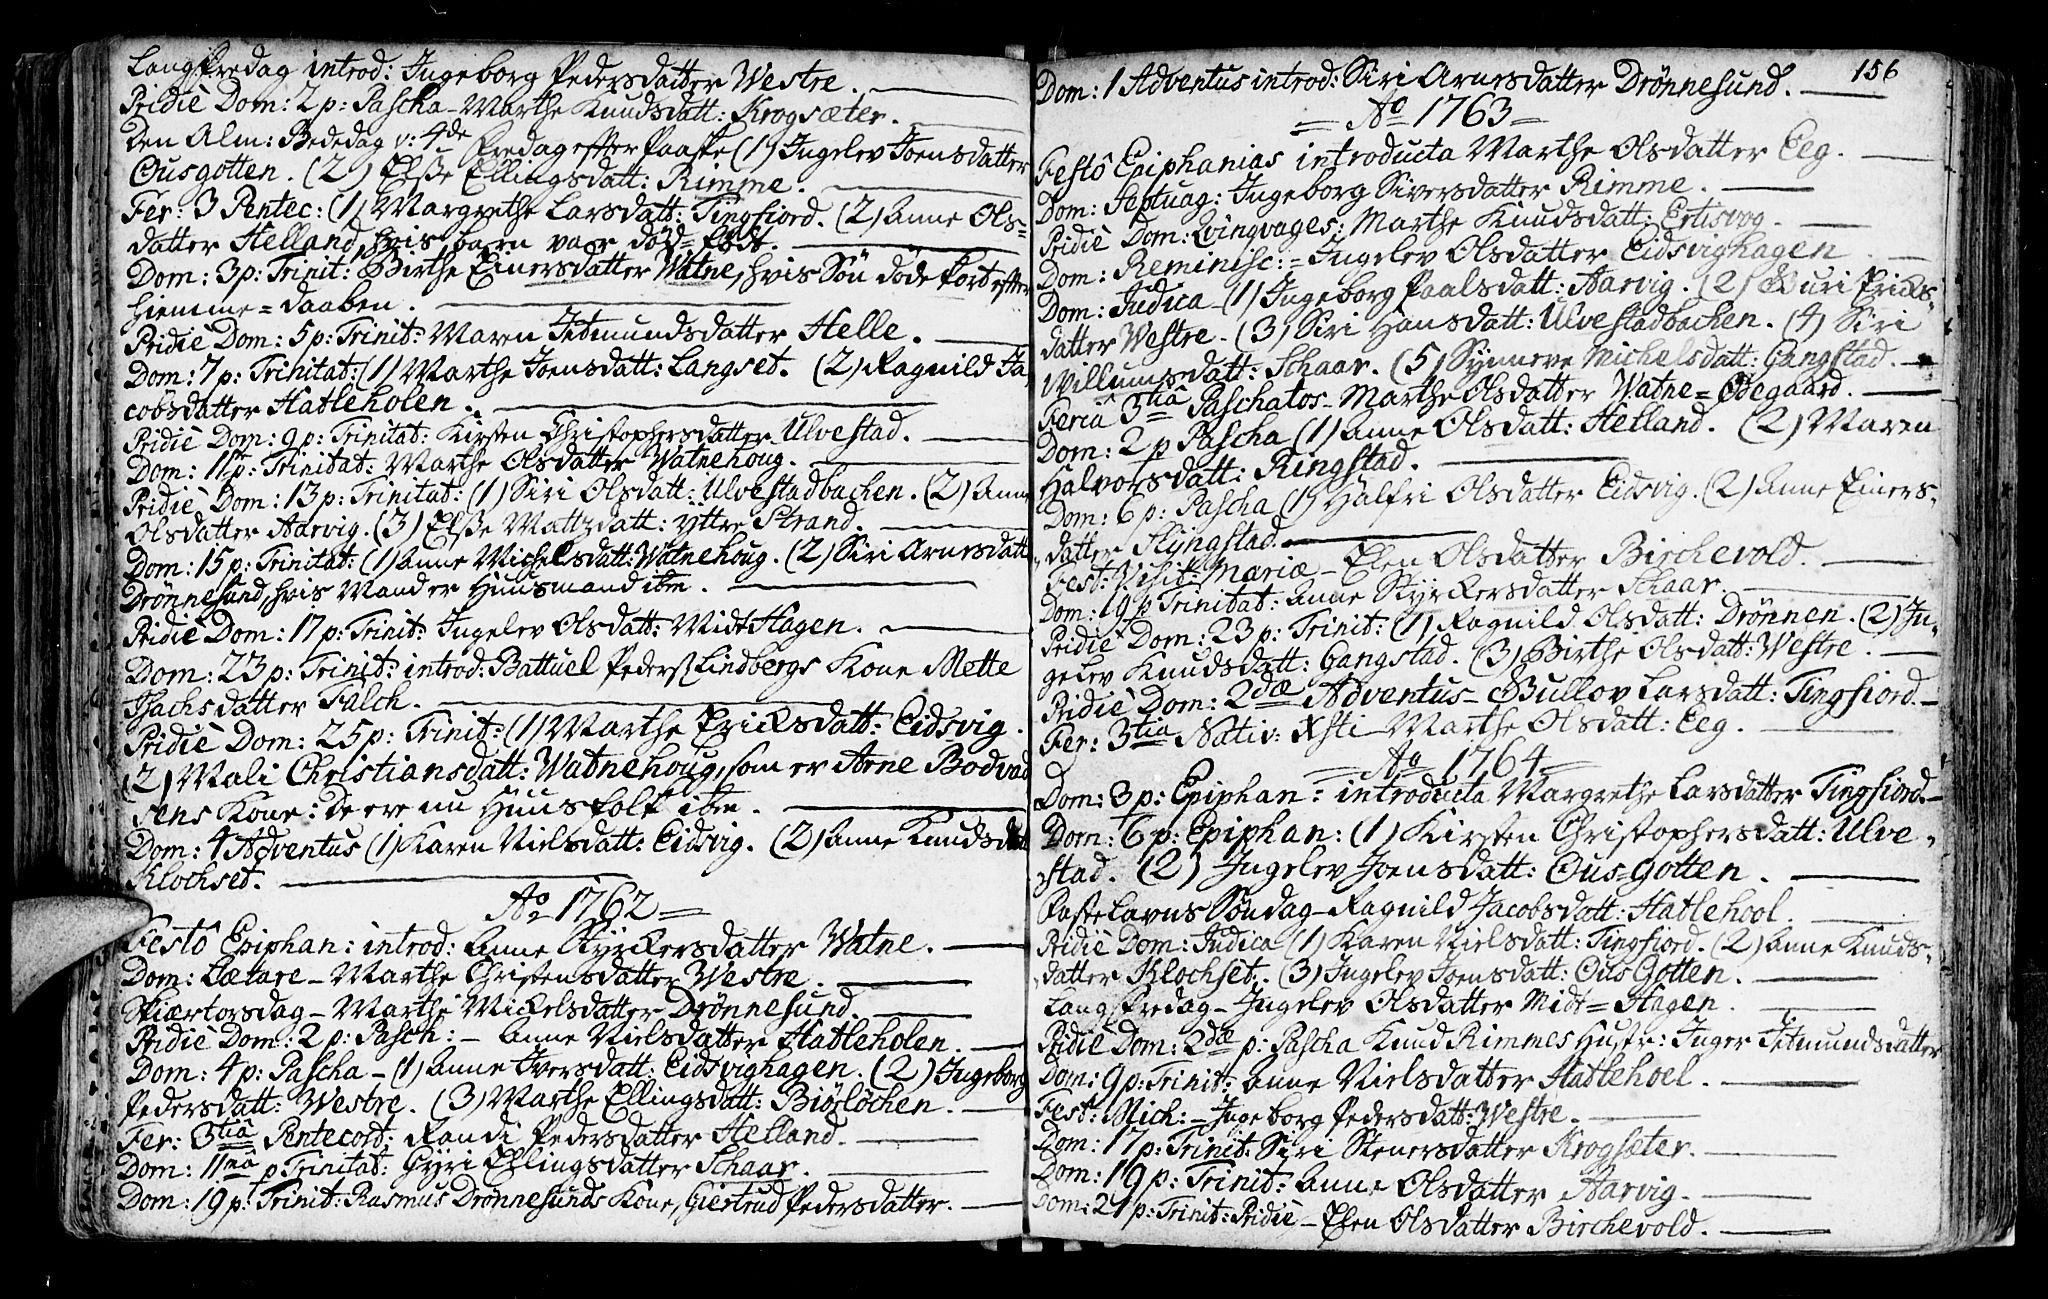 SAT, Ministerialprotokoller, klokkerbøker og fødselsregistre - Møre og Romsdal, 525/L0371: Ministerialbok nr. 525A01, 1699-1777, s. 156